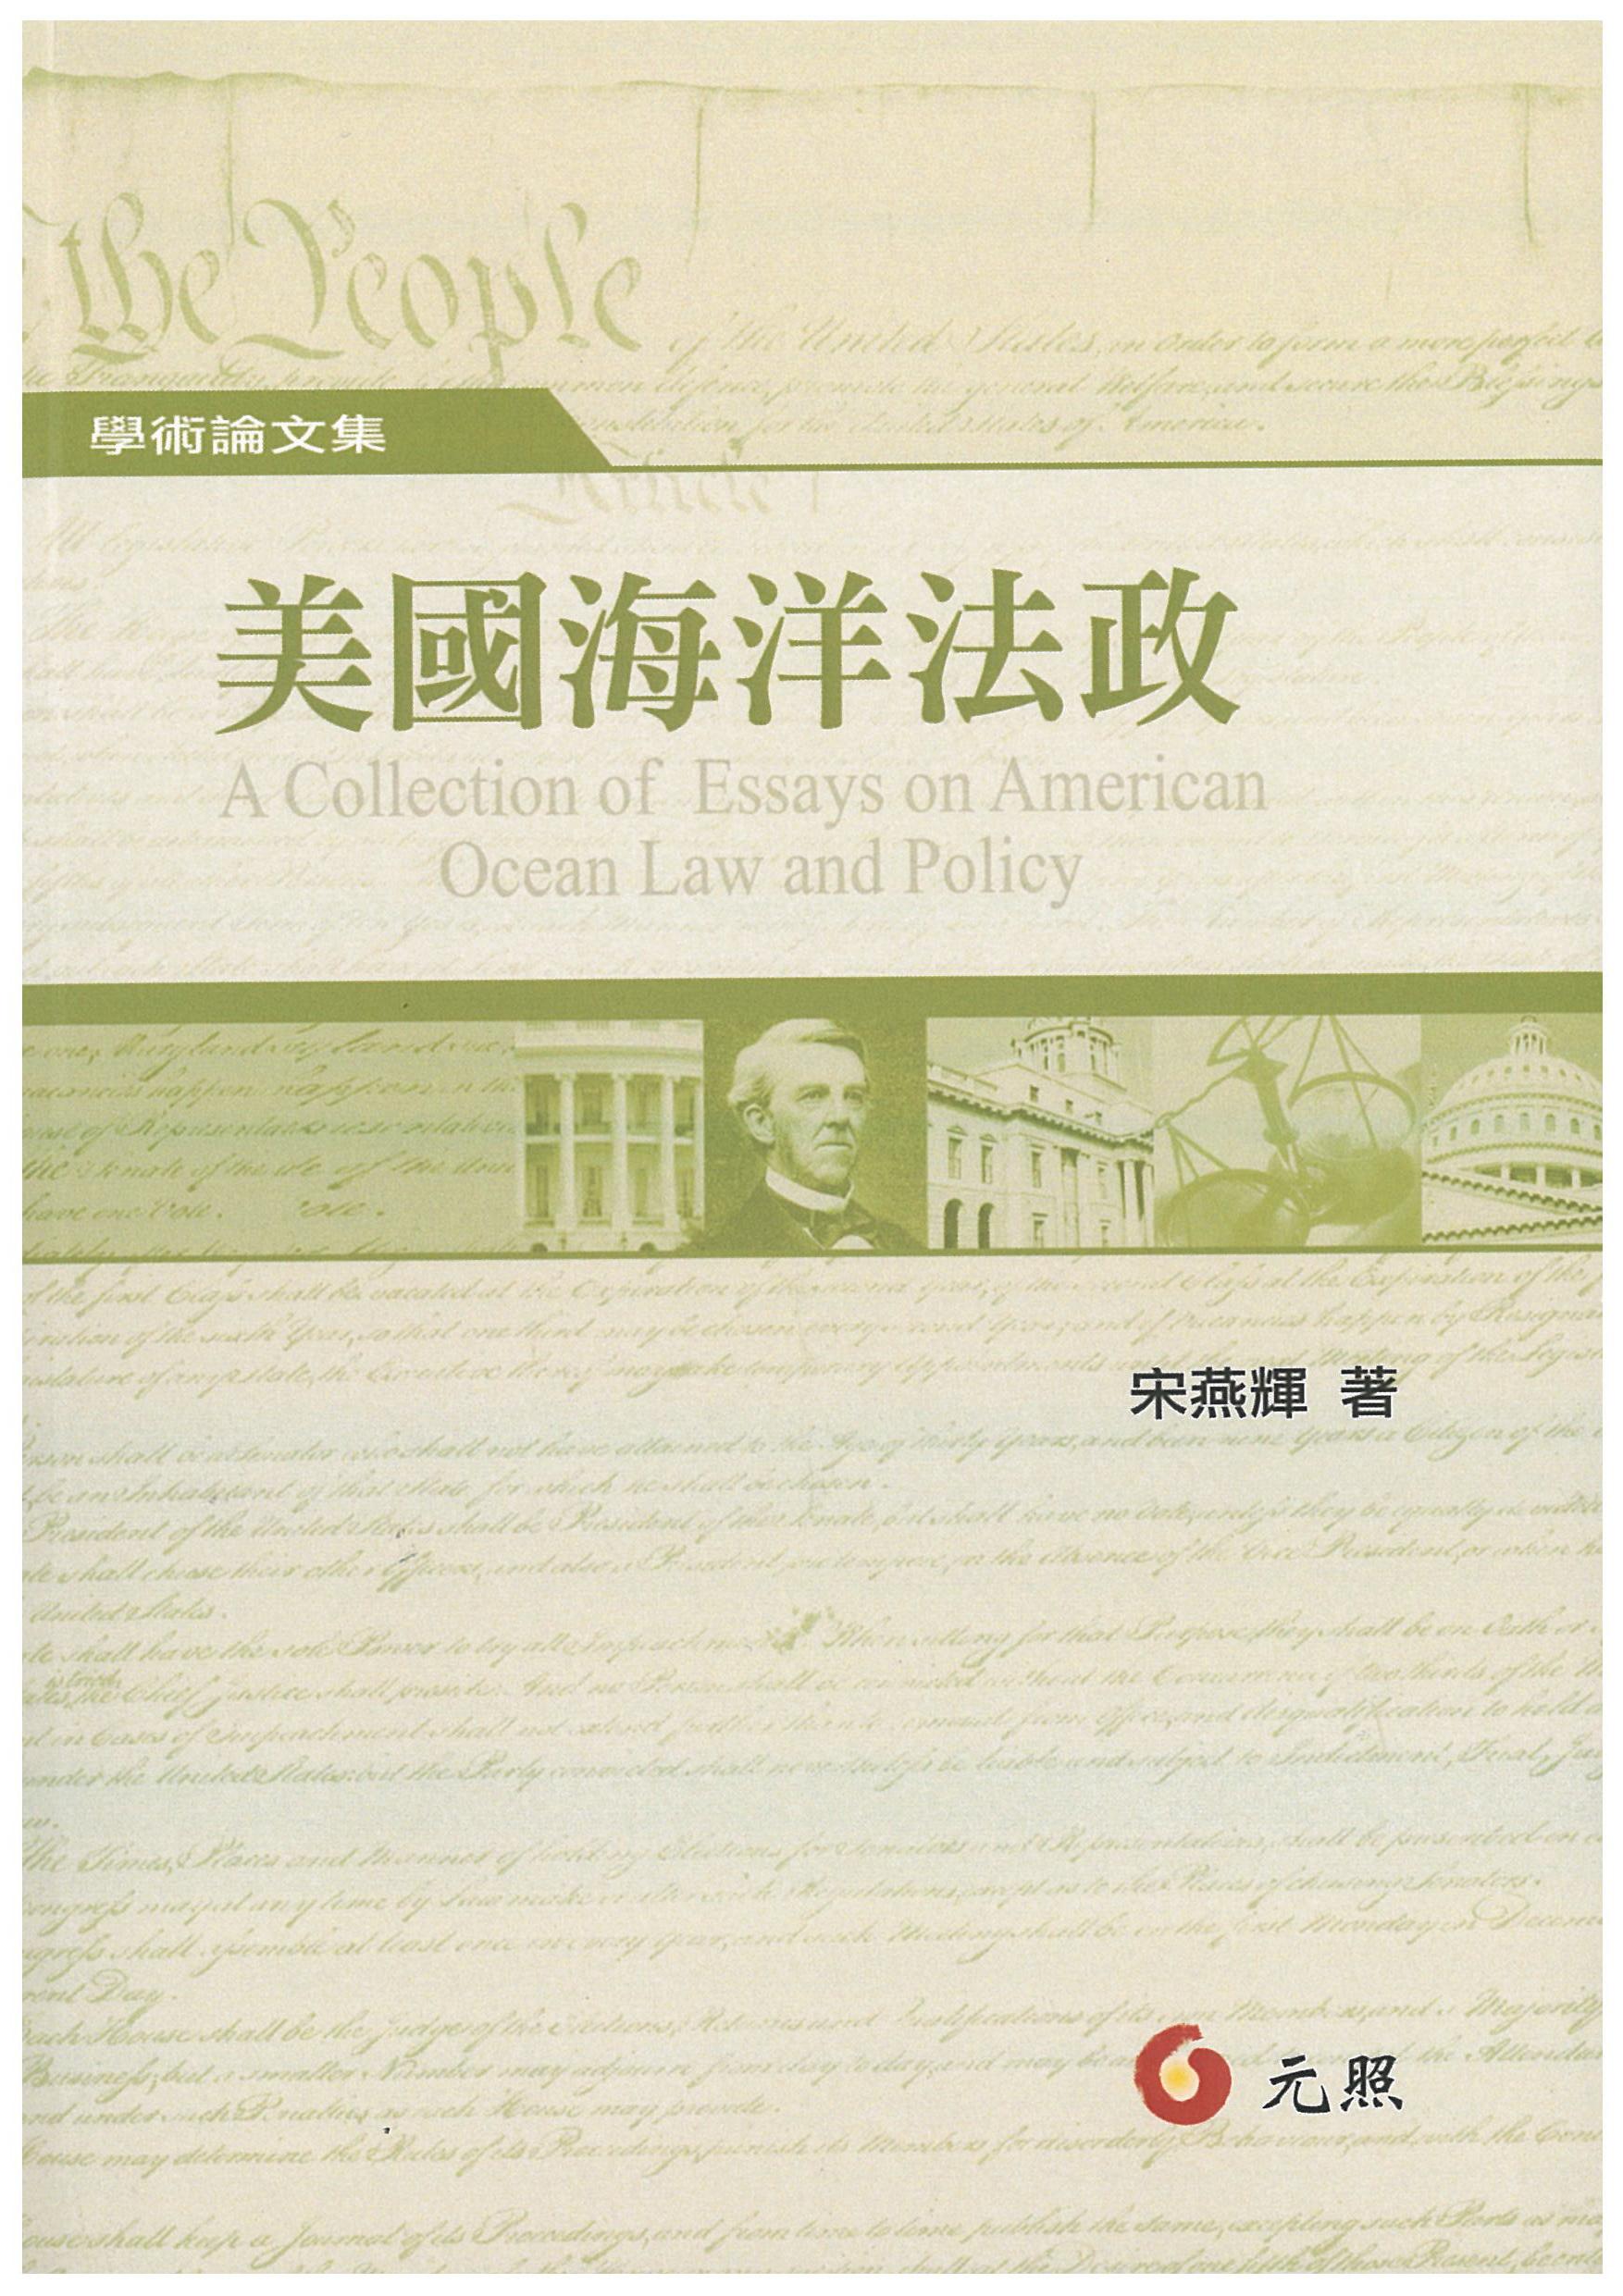 美國海洋法政 A Collection of Essays on American Ocean Law and Policy